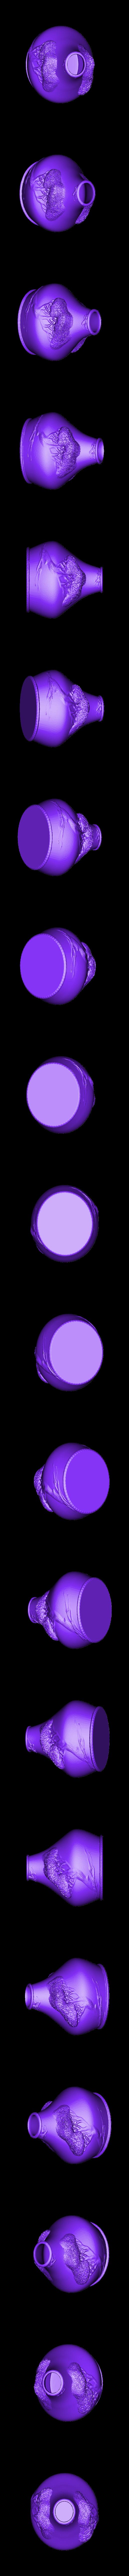 vase arbre  .stl Télécharger fichier STL X86 Mini vase collection  • Objet imprimable en 3D, motek